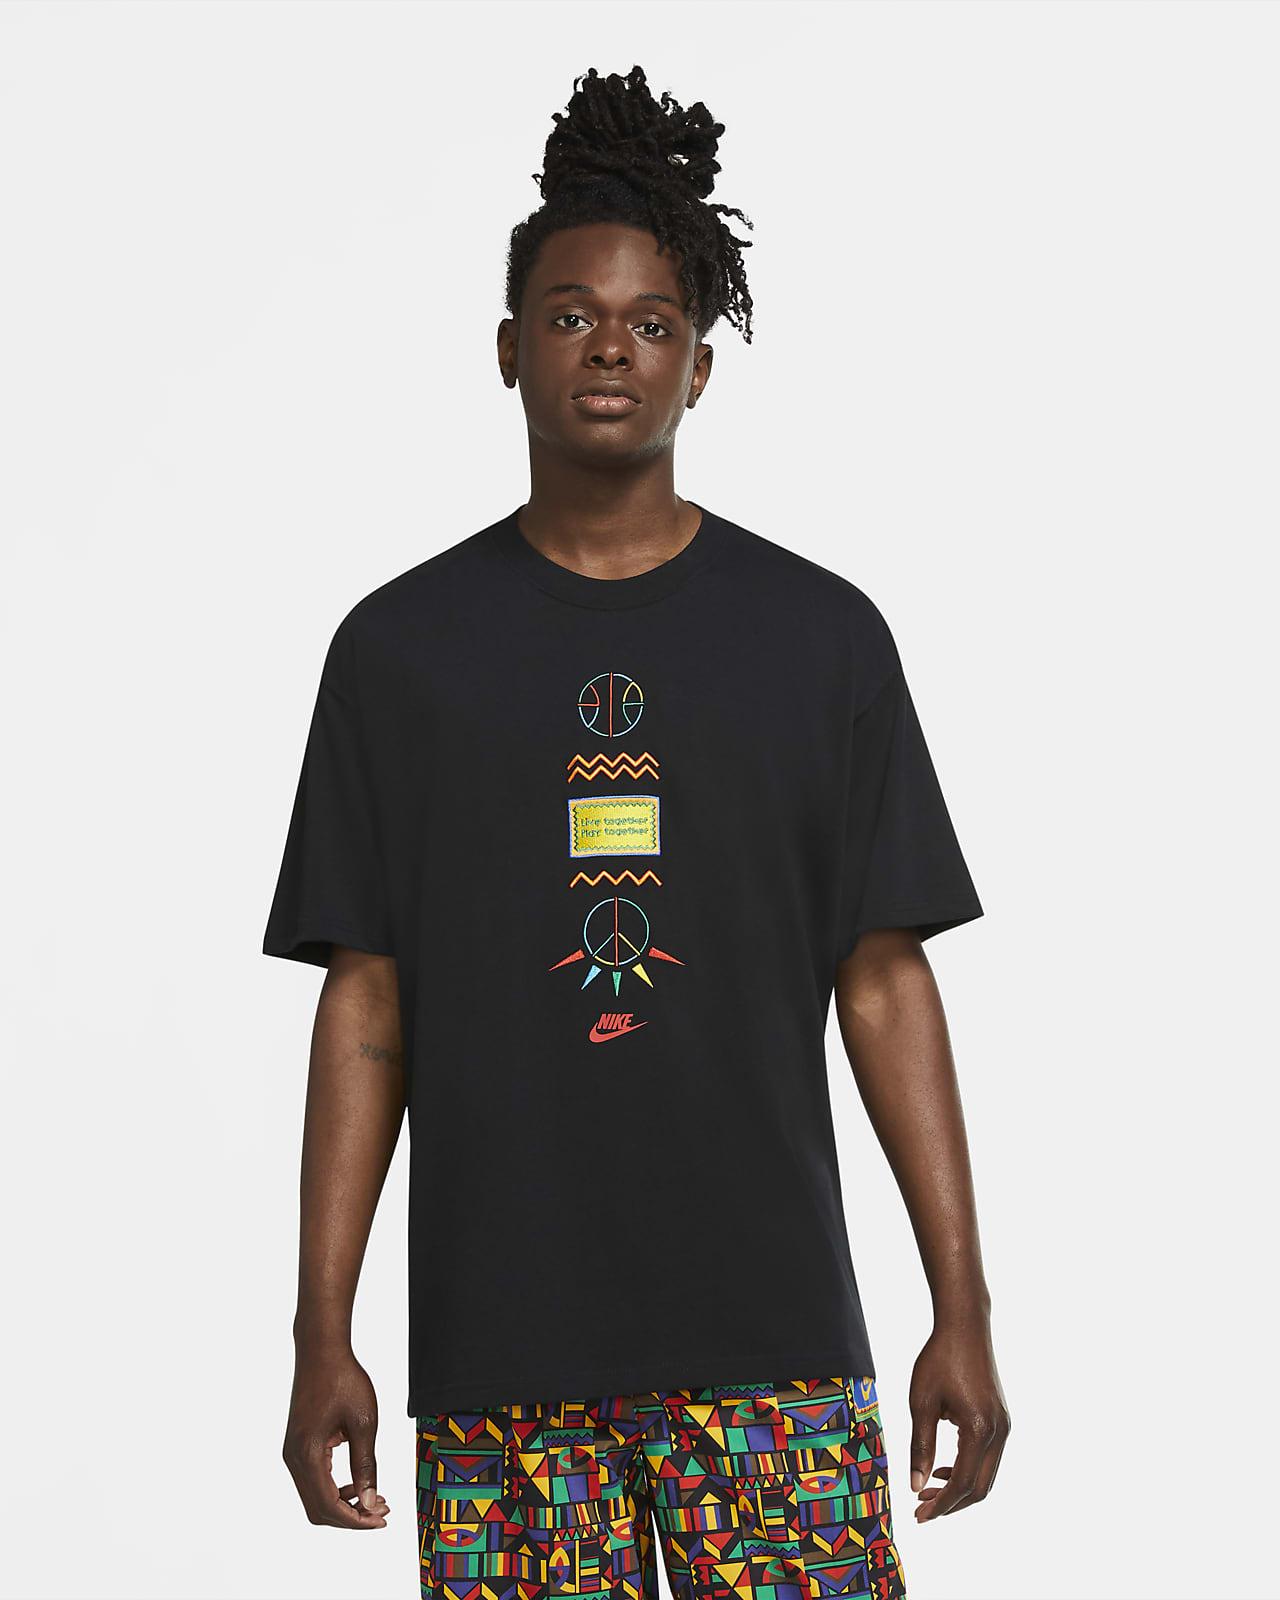 เสื้อยืดผู้ชายผลิตซ้ำ Nike Sportswear